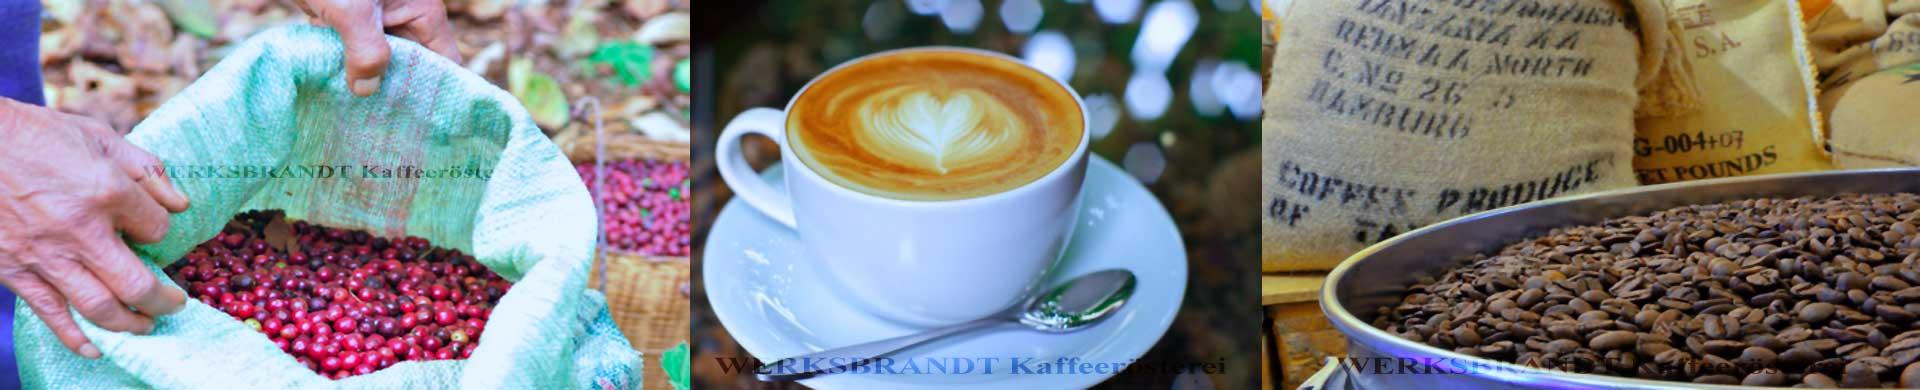 WERKSBRANDT Kaffeerösterei Impressionen Kaffeekirschen im Sack Latteart Kaffee im Kühlsieb